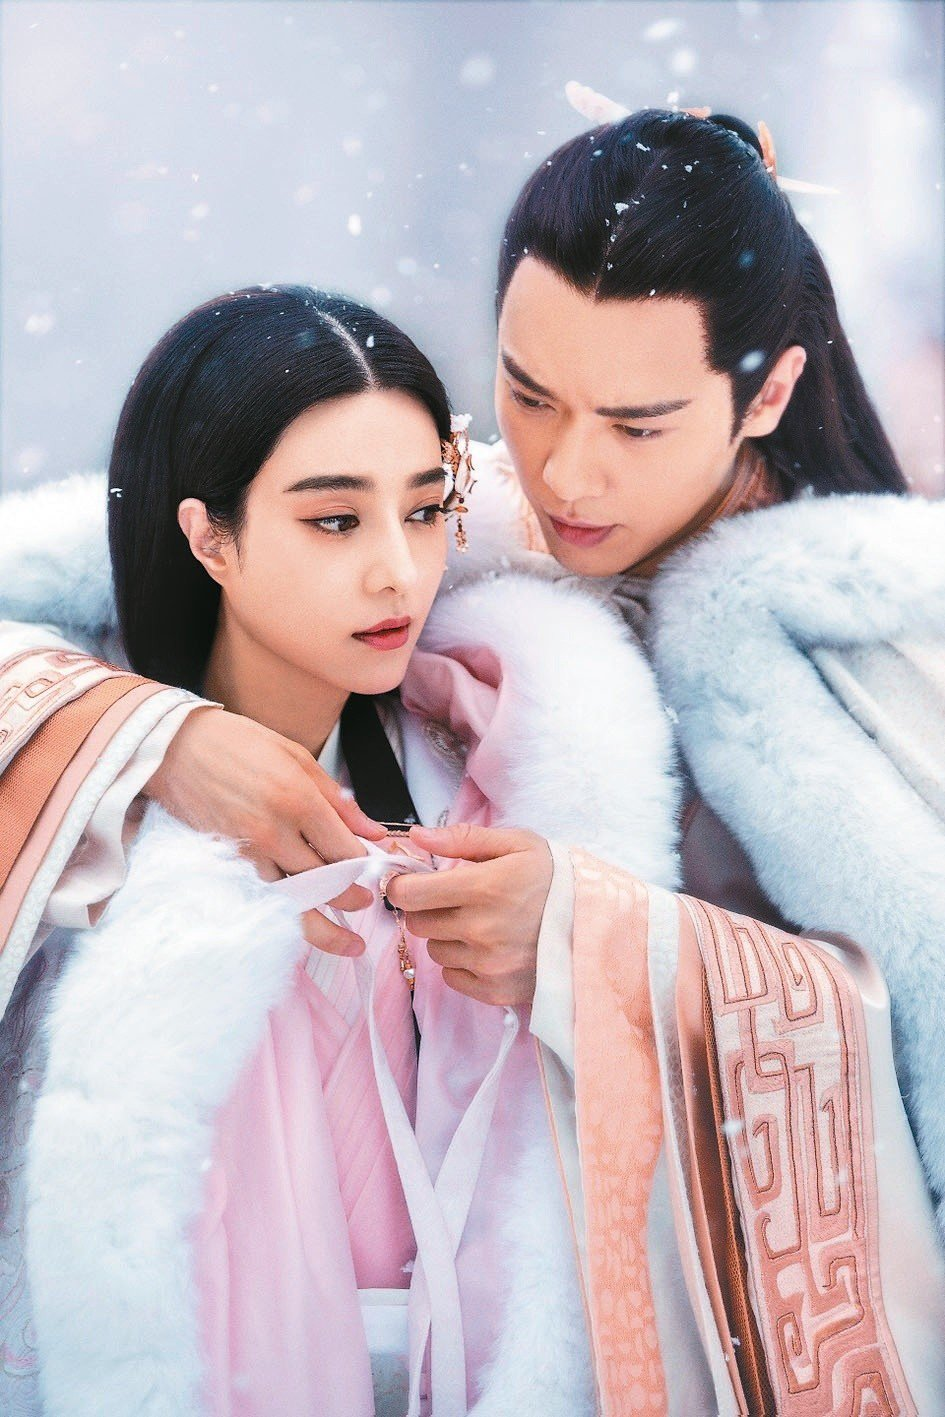 范冰冰(左)、高雲翔主演「巴清傳」(又名:贏天下)。圖/摘自微博